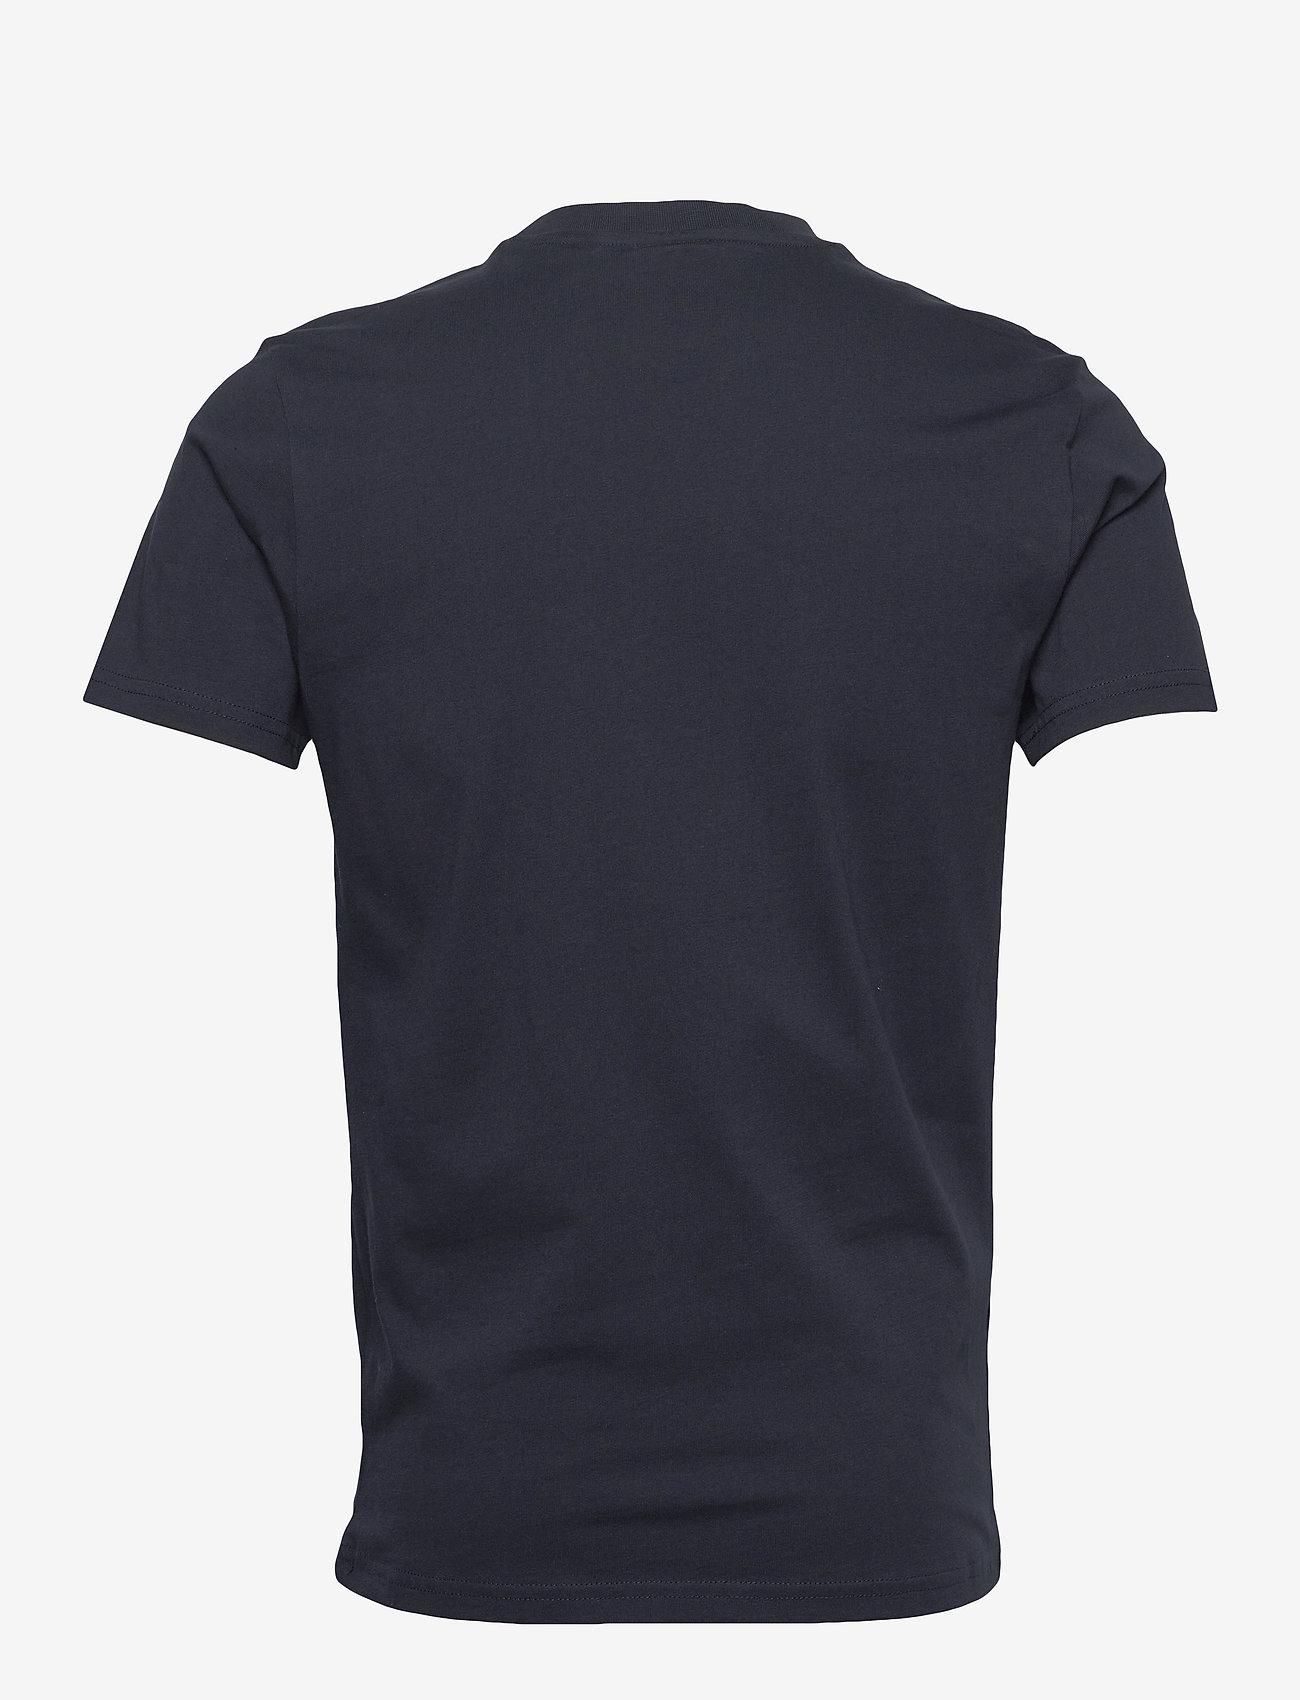 Helly Hansen TOKYO T-SHIRT - T-skjorter NAVY - Menn Klær